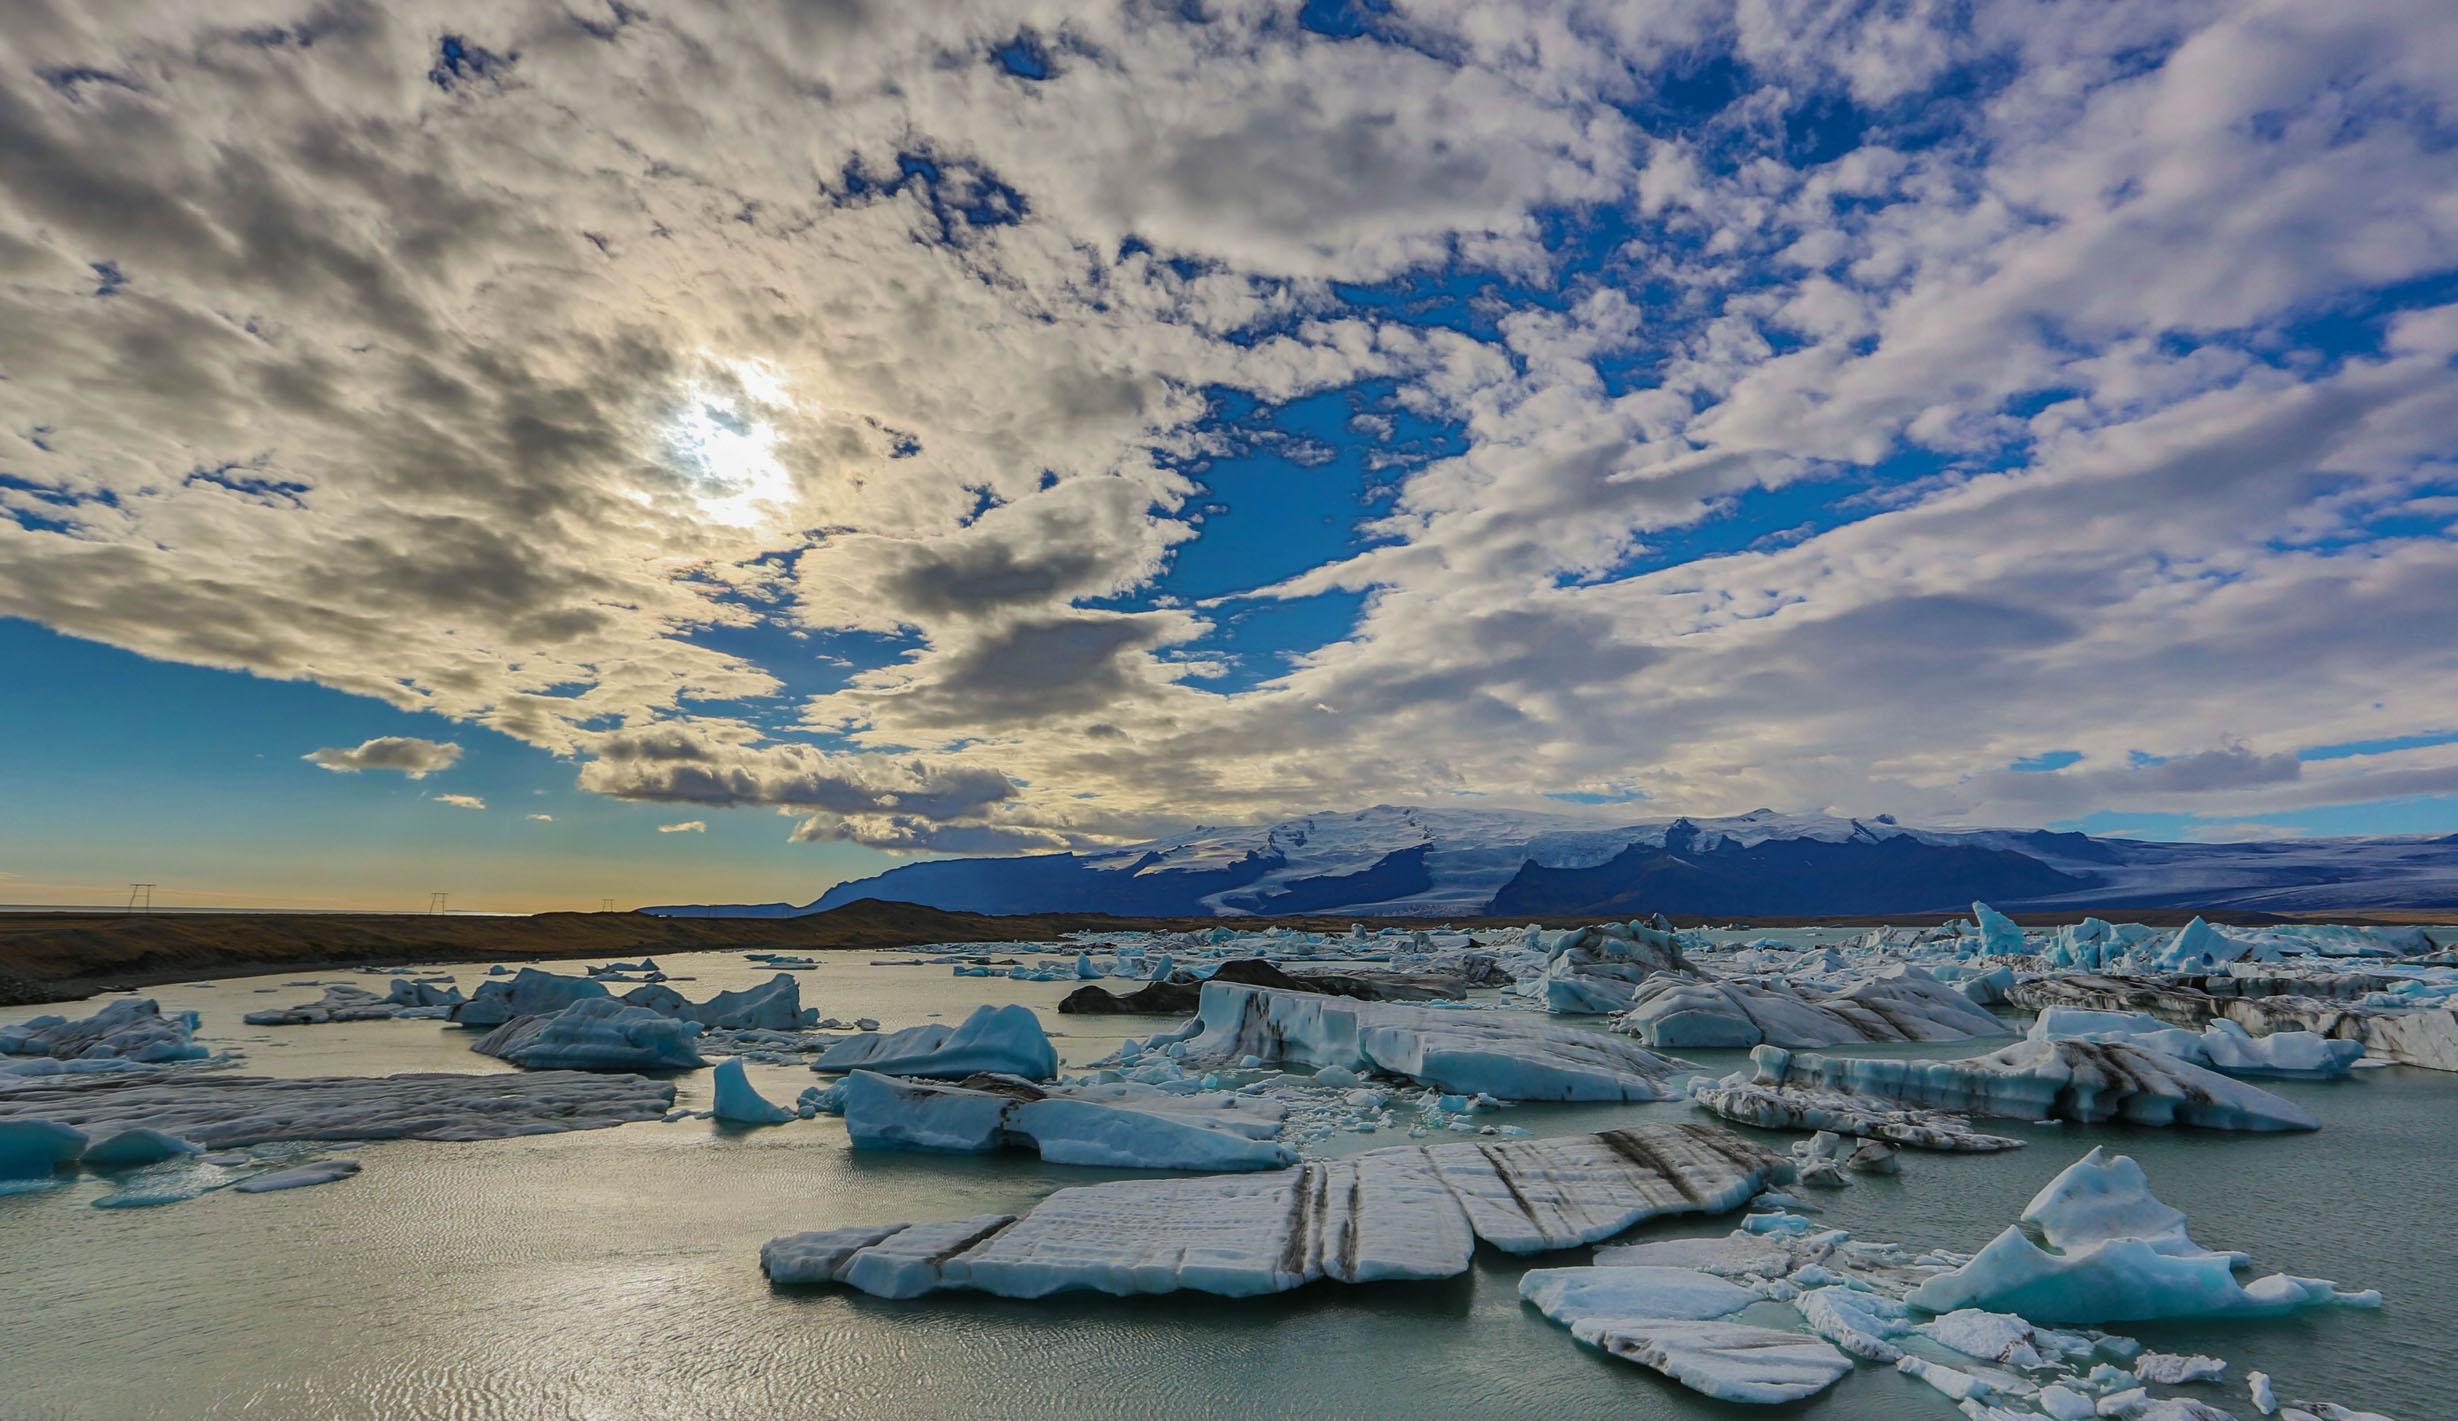 芬兰,冰岛11天跟团游【欧若拉的裙摆 青新系列 4-5星